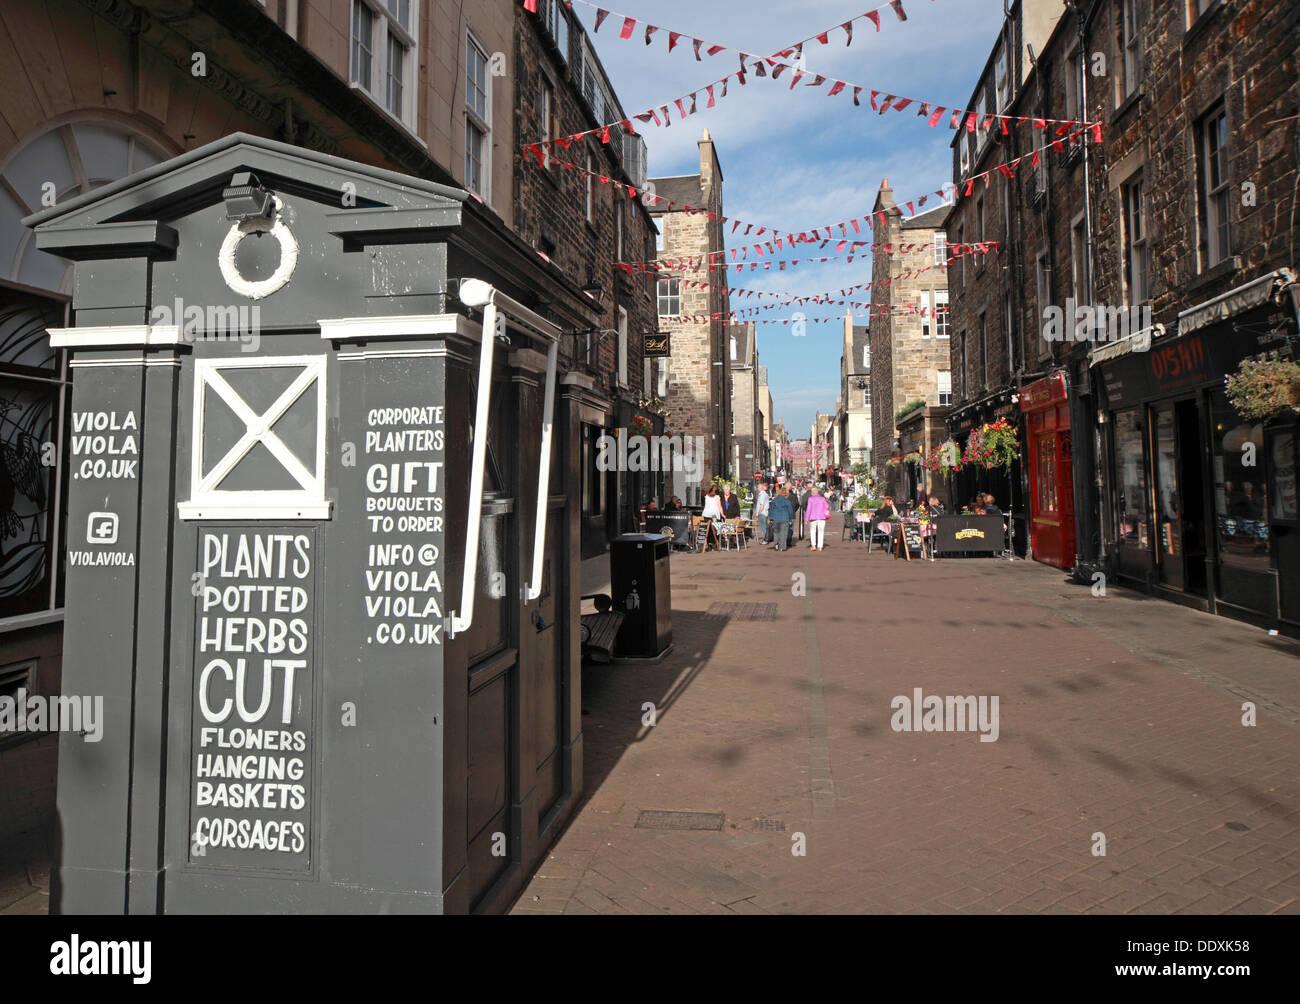 Laden Sie dieses Alamy Stockfoto Rose Street, Edinburgh, Schottland, UK einen Platz zum trinken, Essen, party - mit alten Tardis Polizei Box - DDXK58